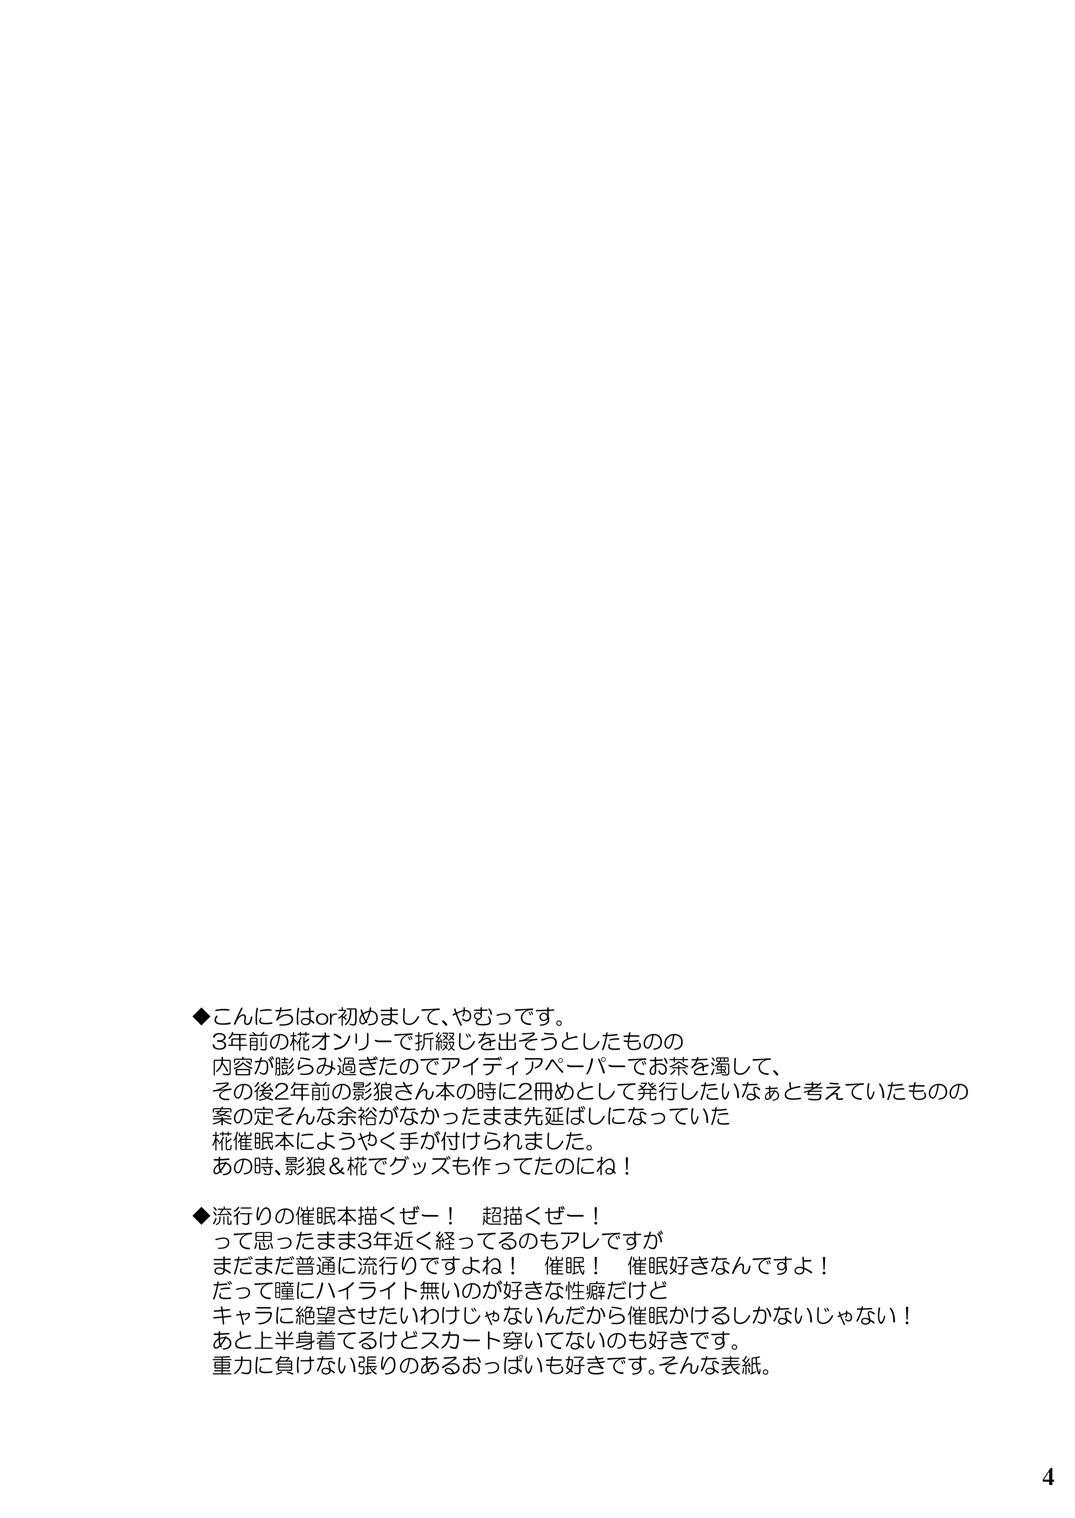 Tengu hacking 2